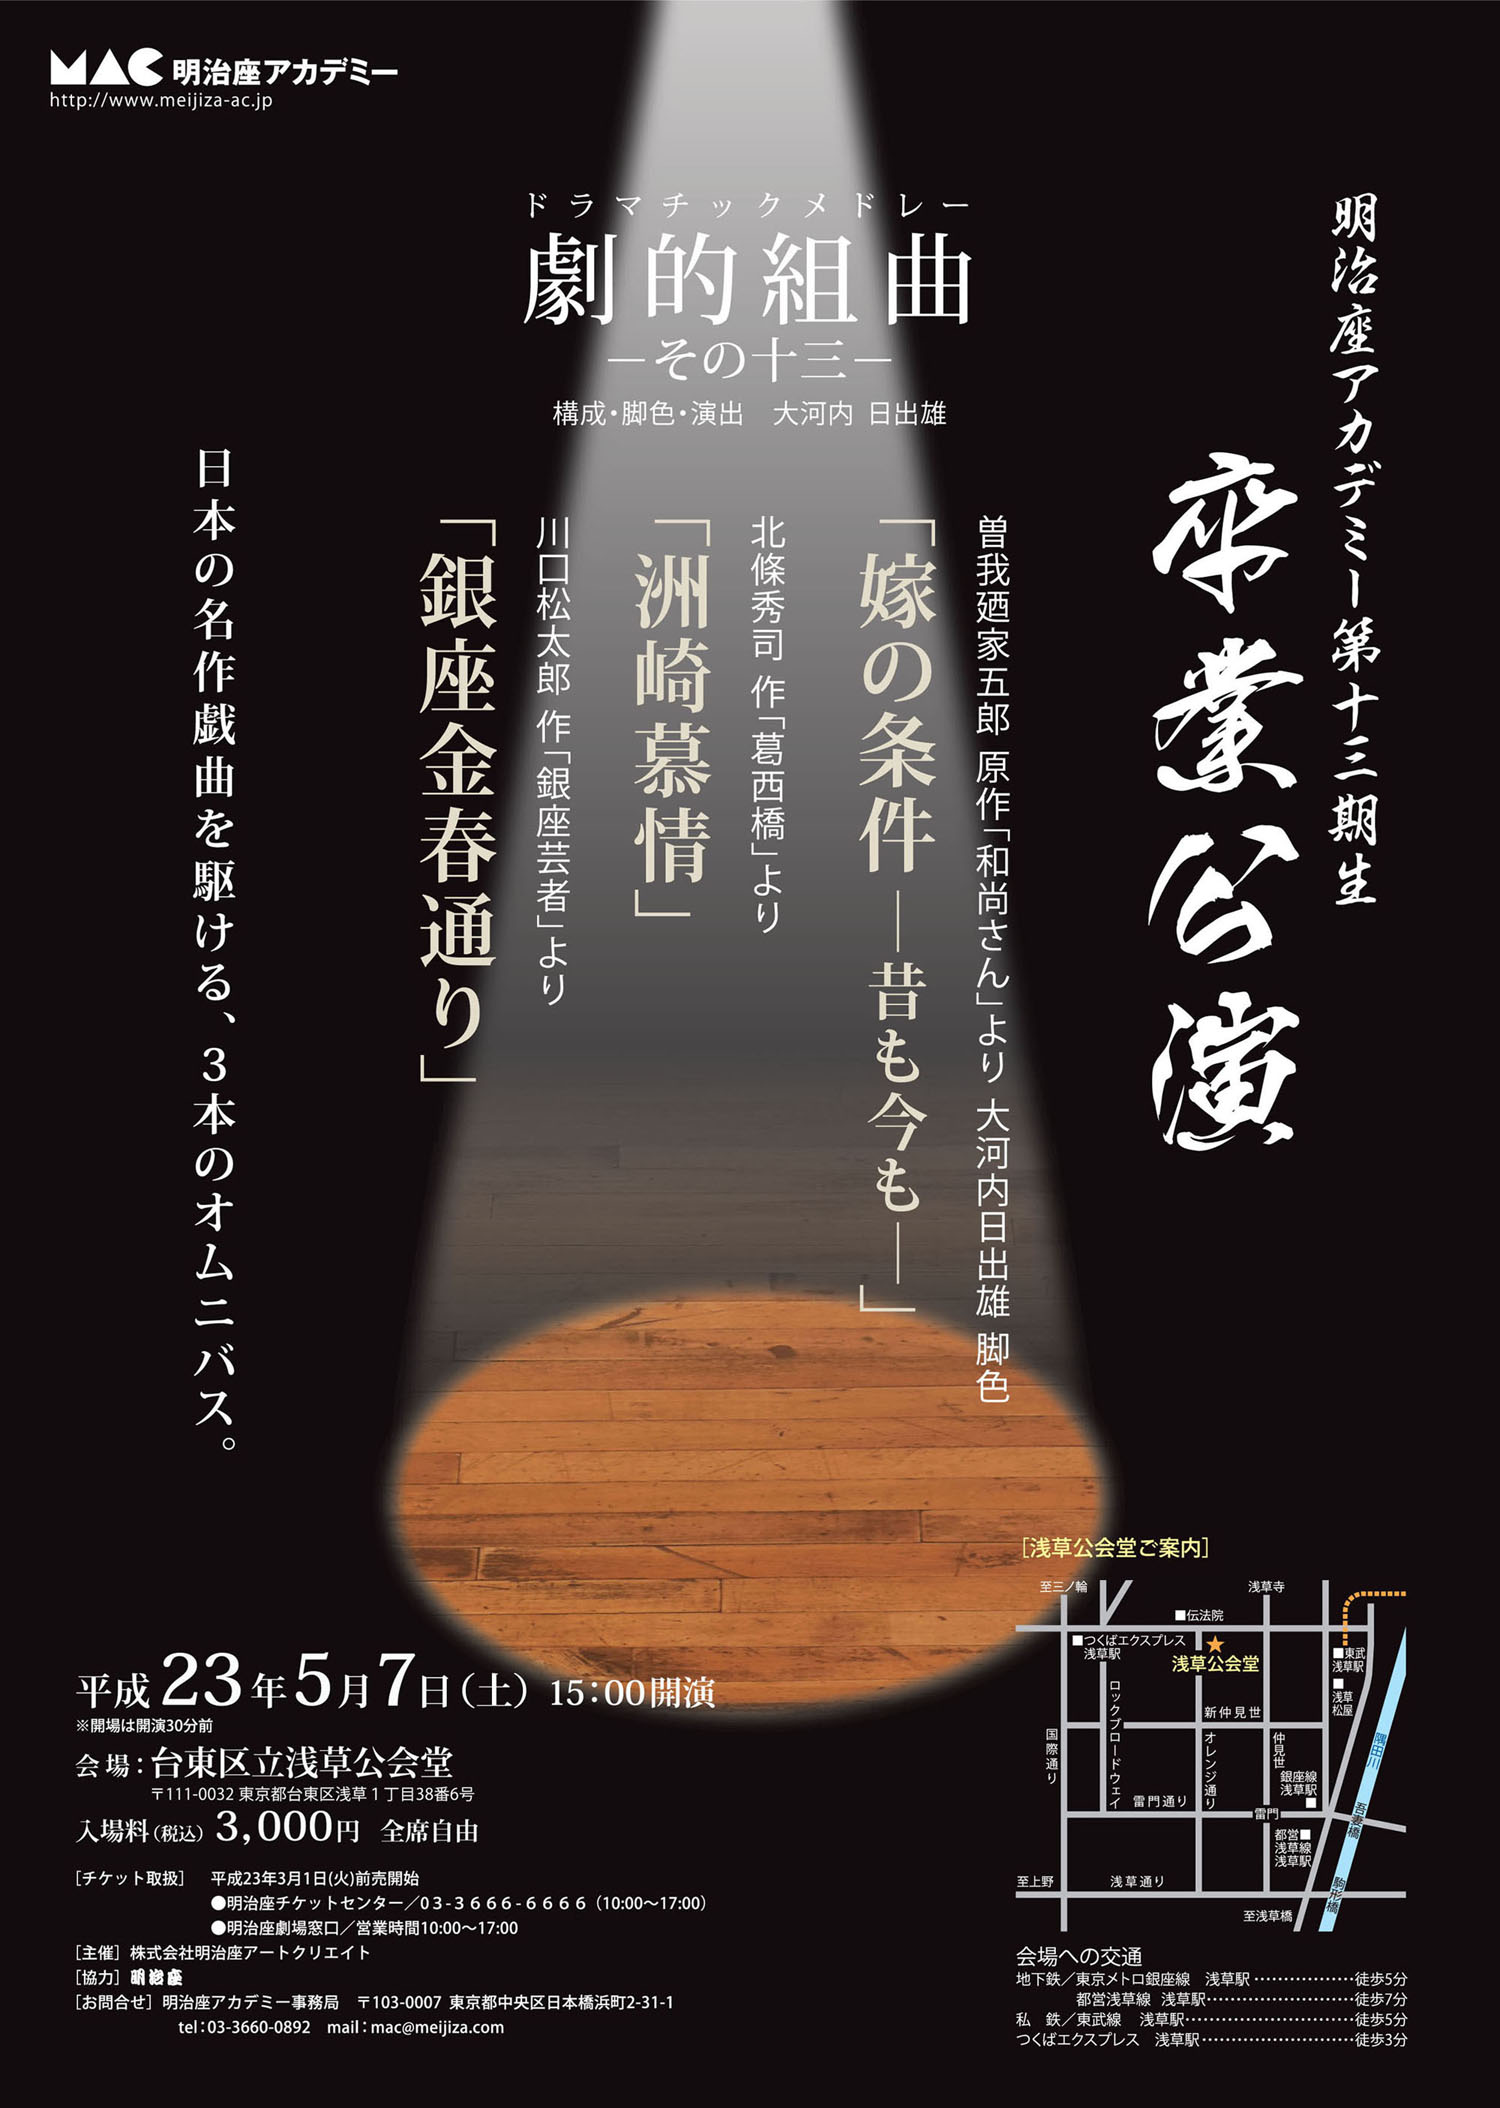 明治座アカデミー第13期生卒業公演